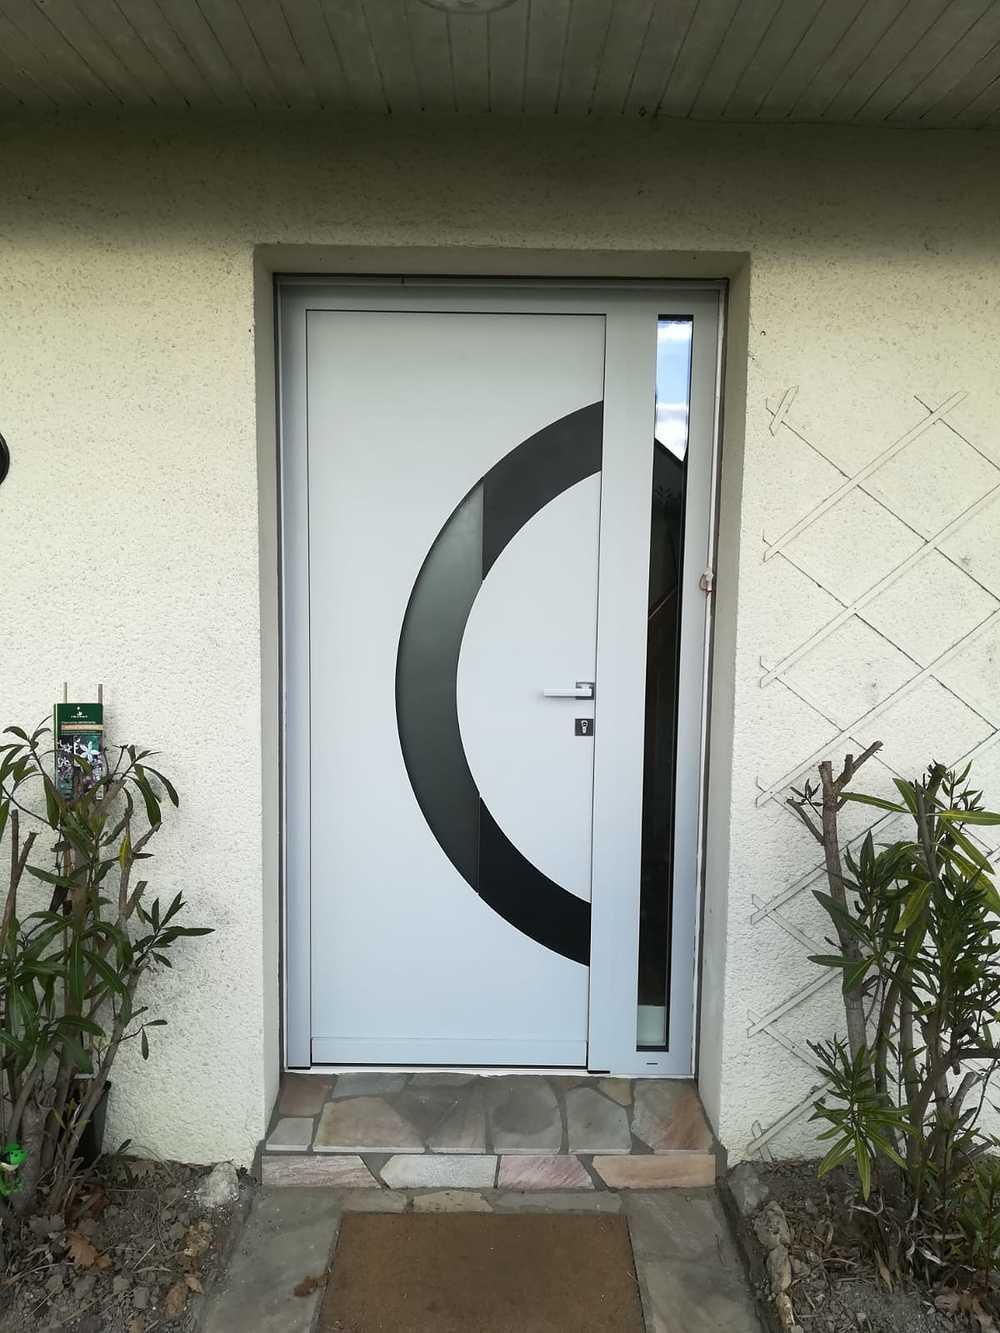 Porte d''entré alu avec découpe en verre circulaire et imposte latéral 0